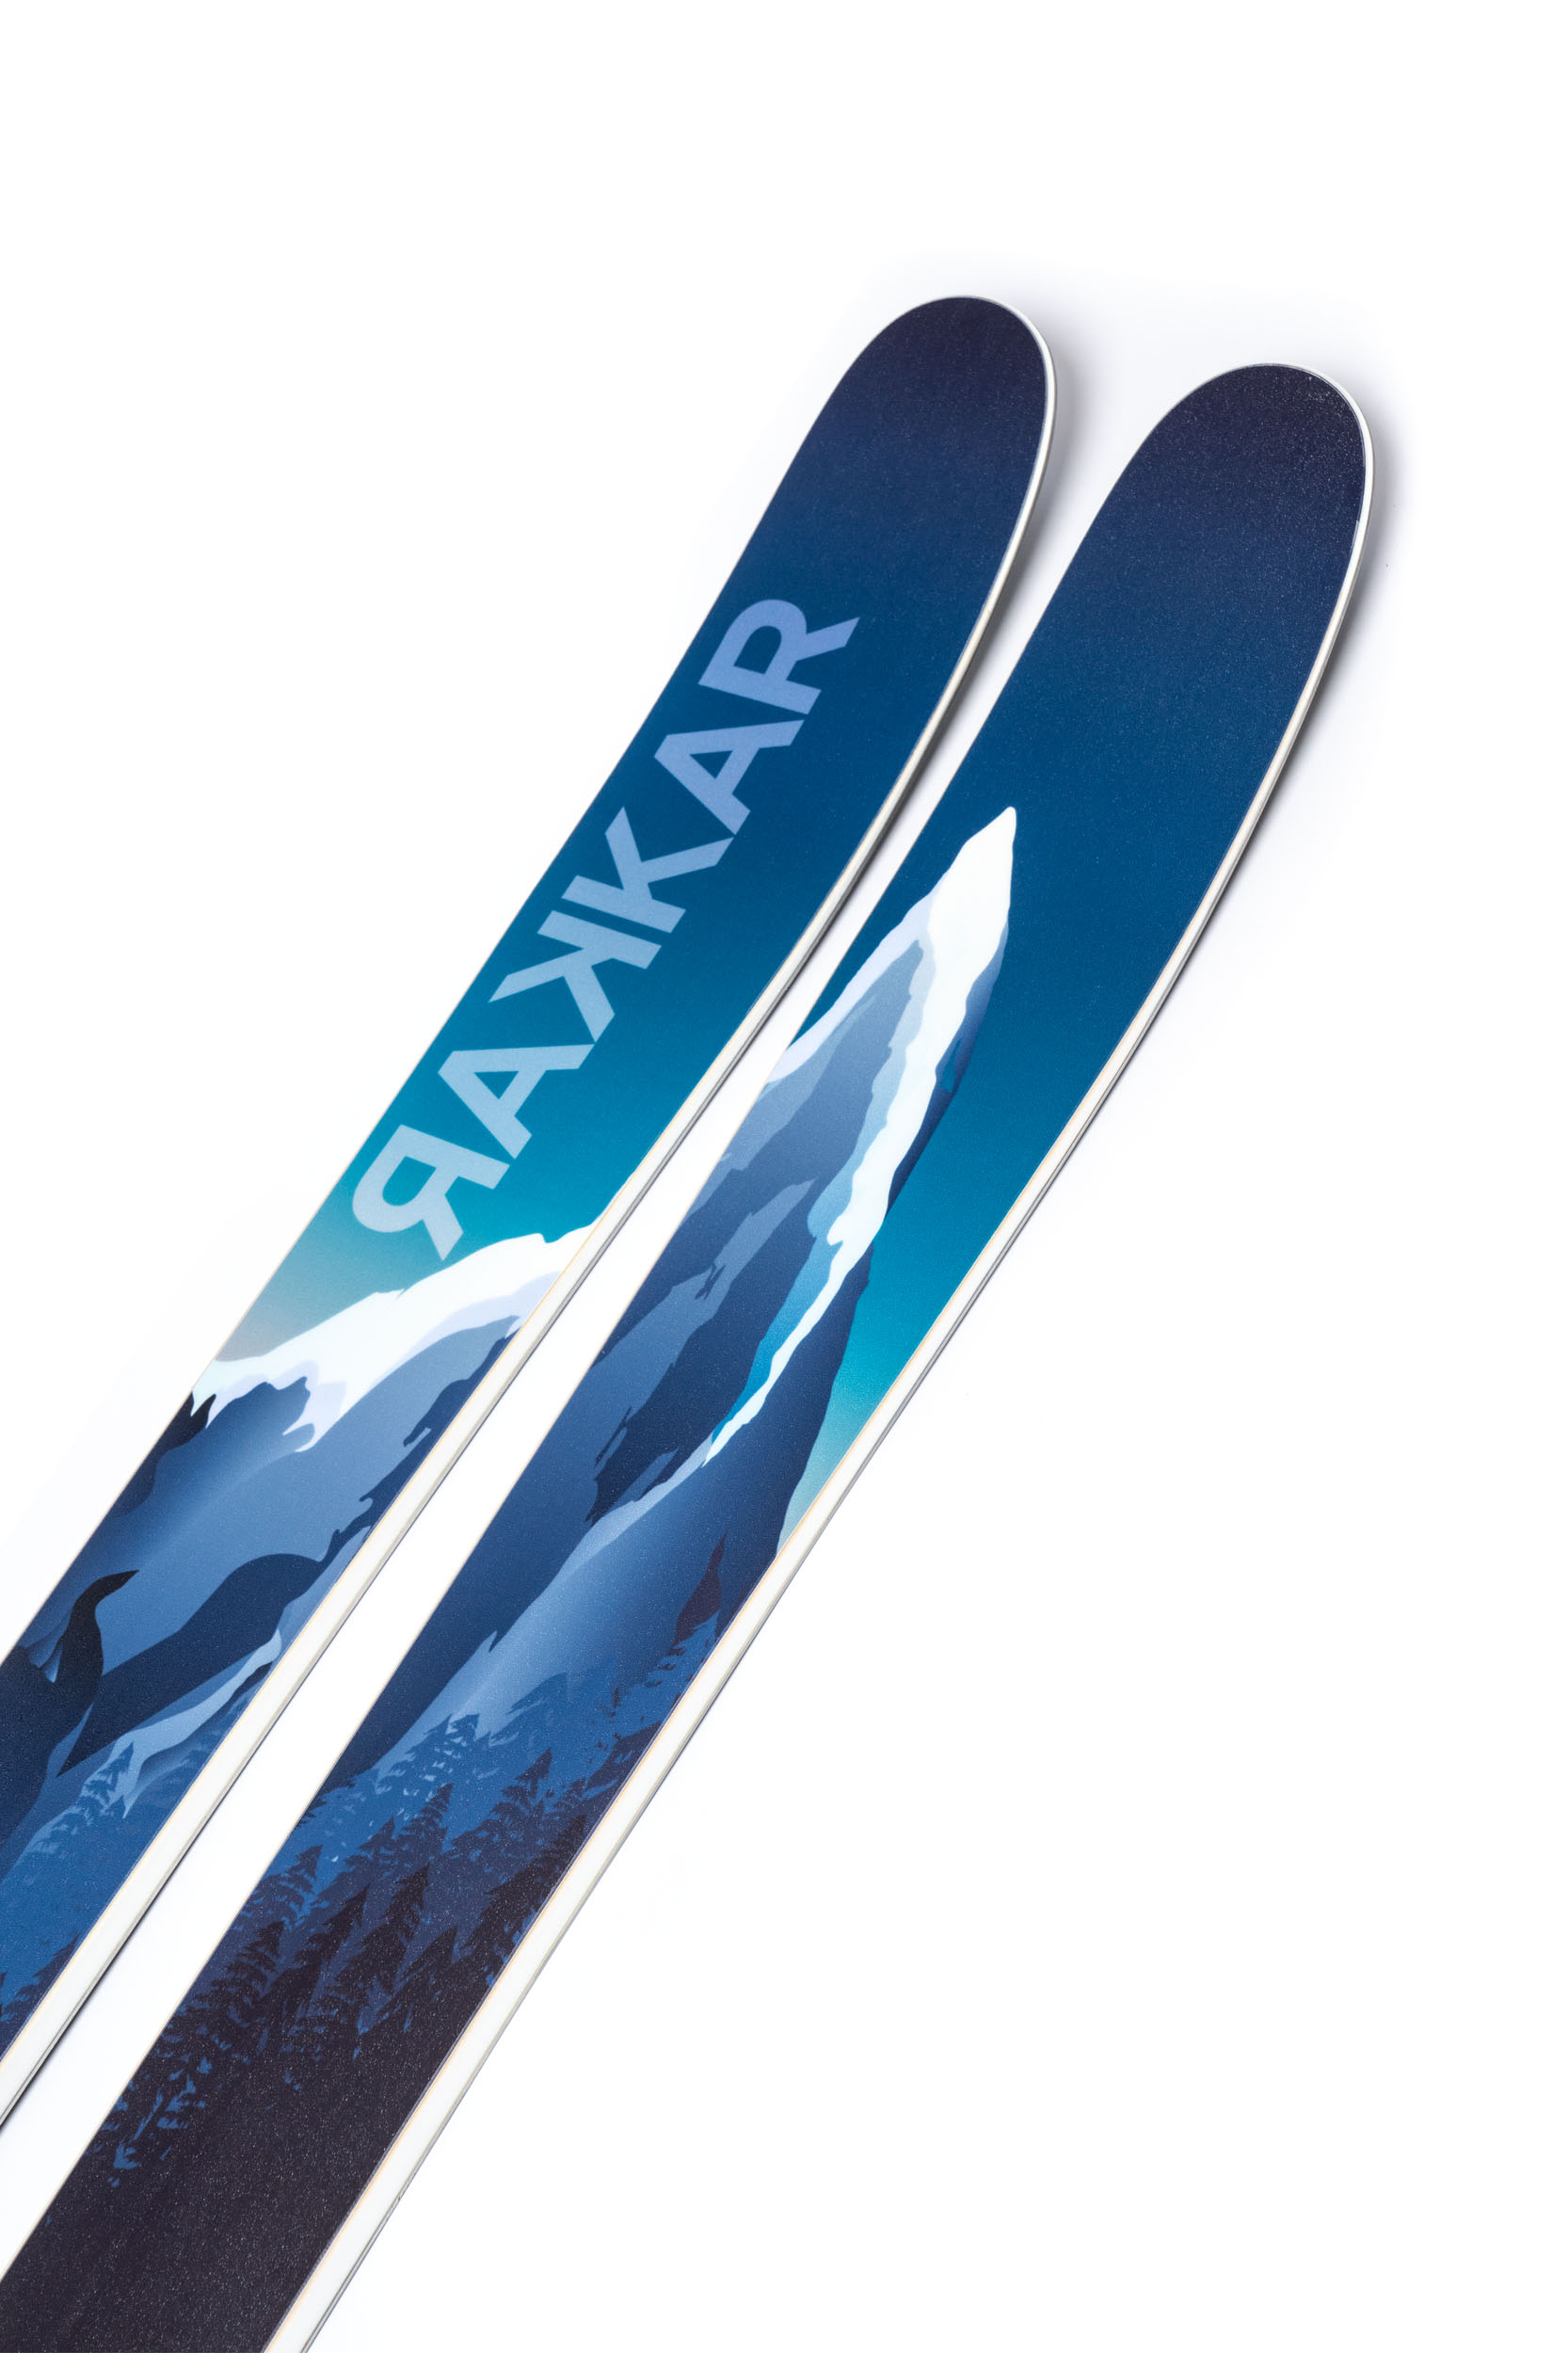 RAKKAR 2017 - SGN Skis